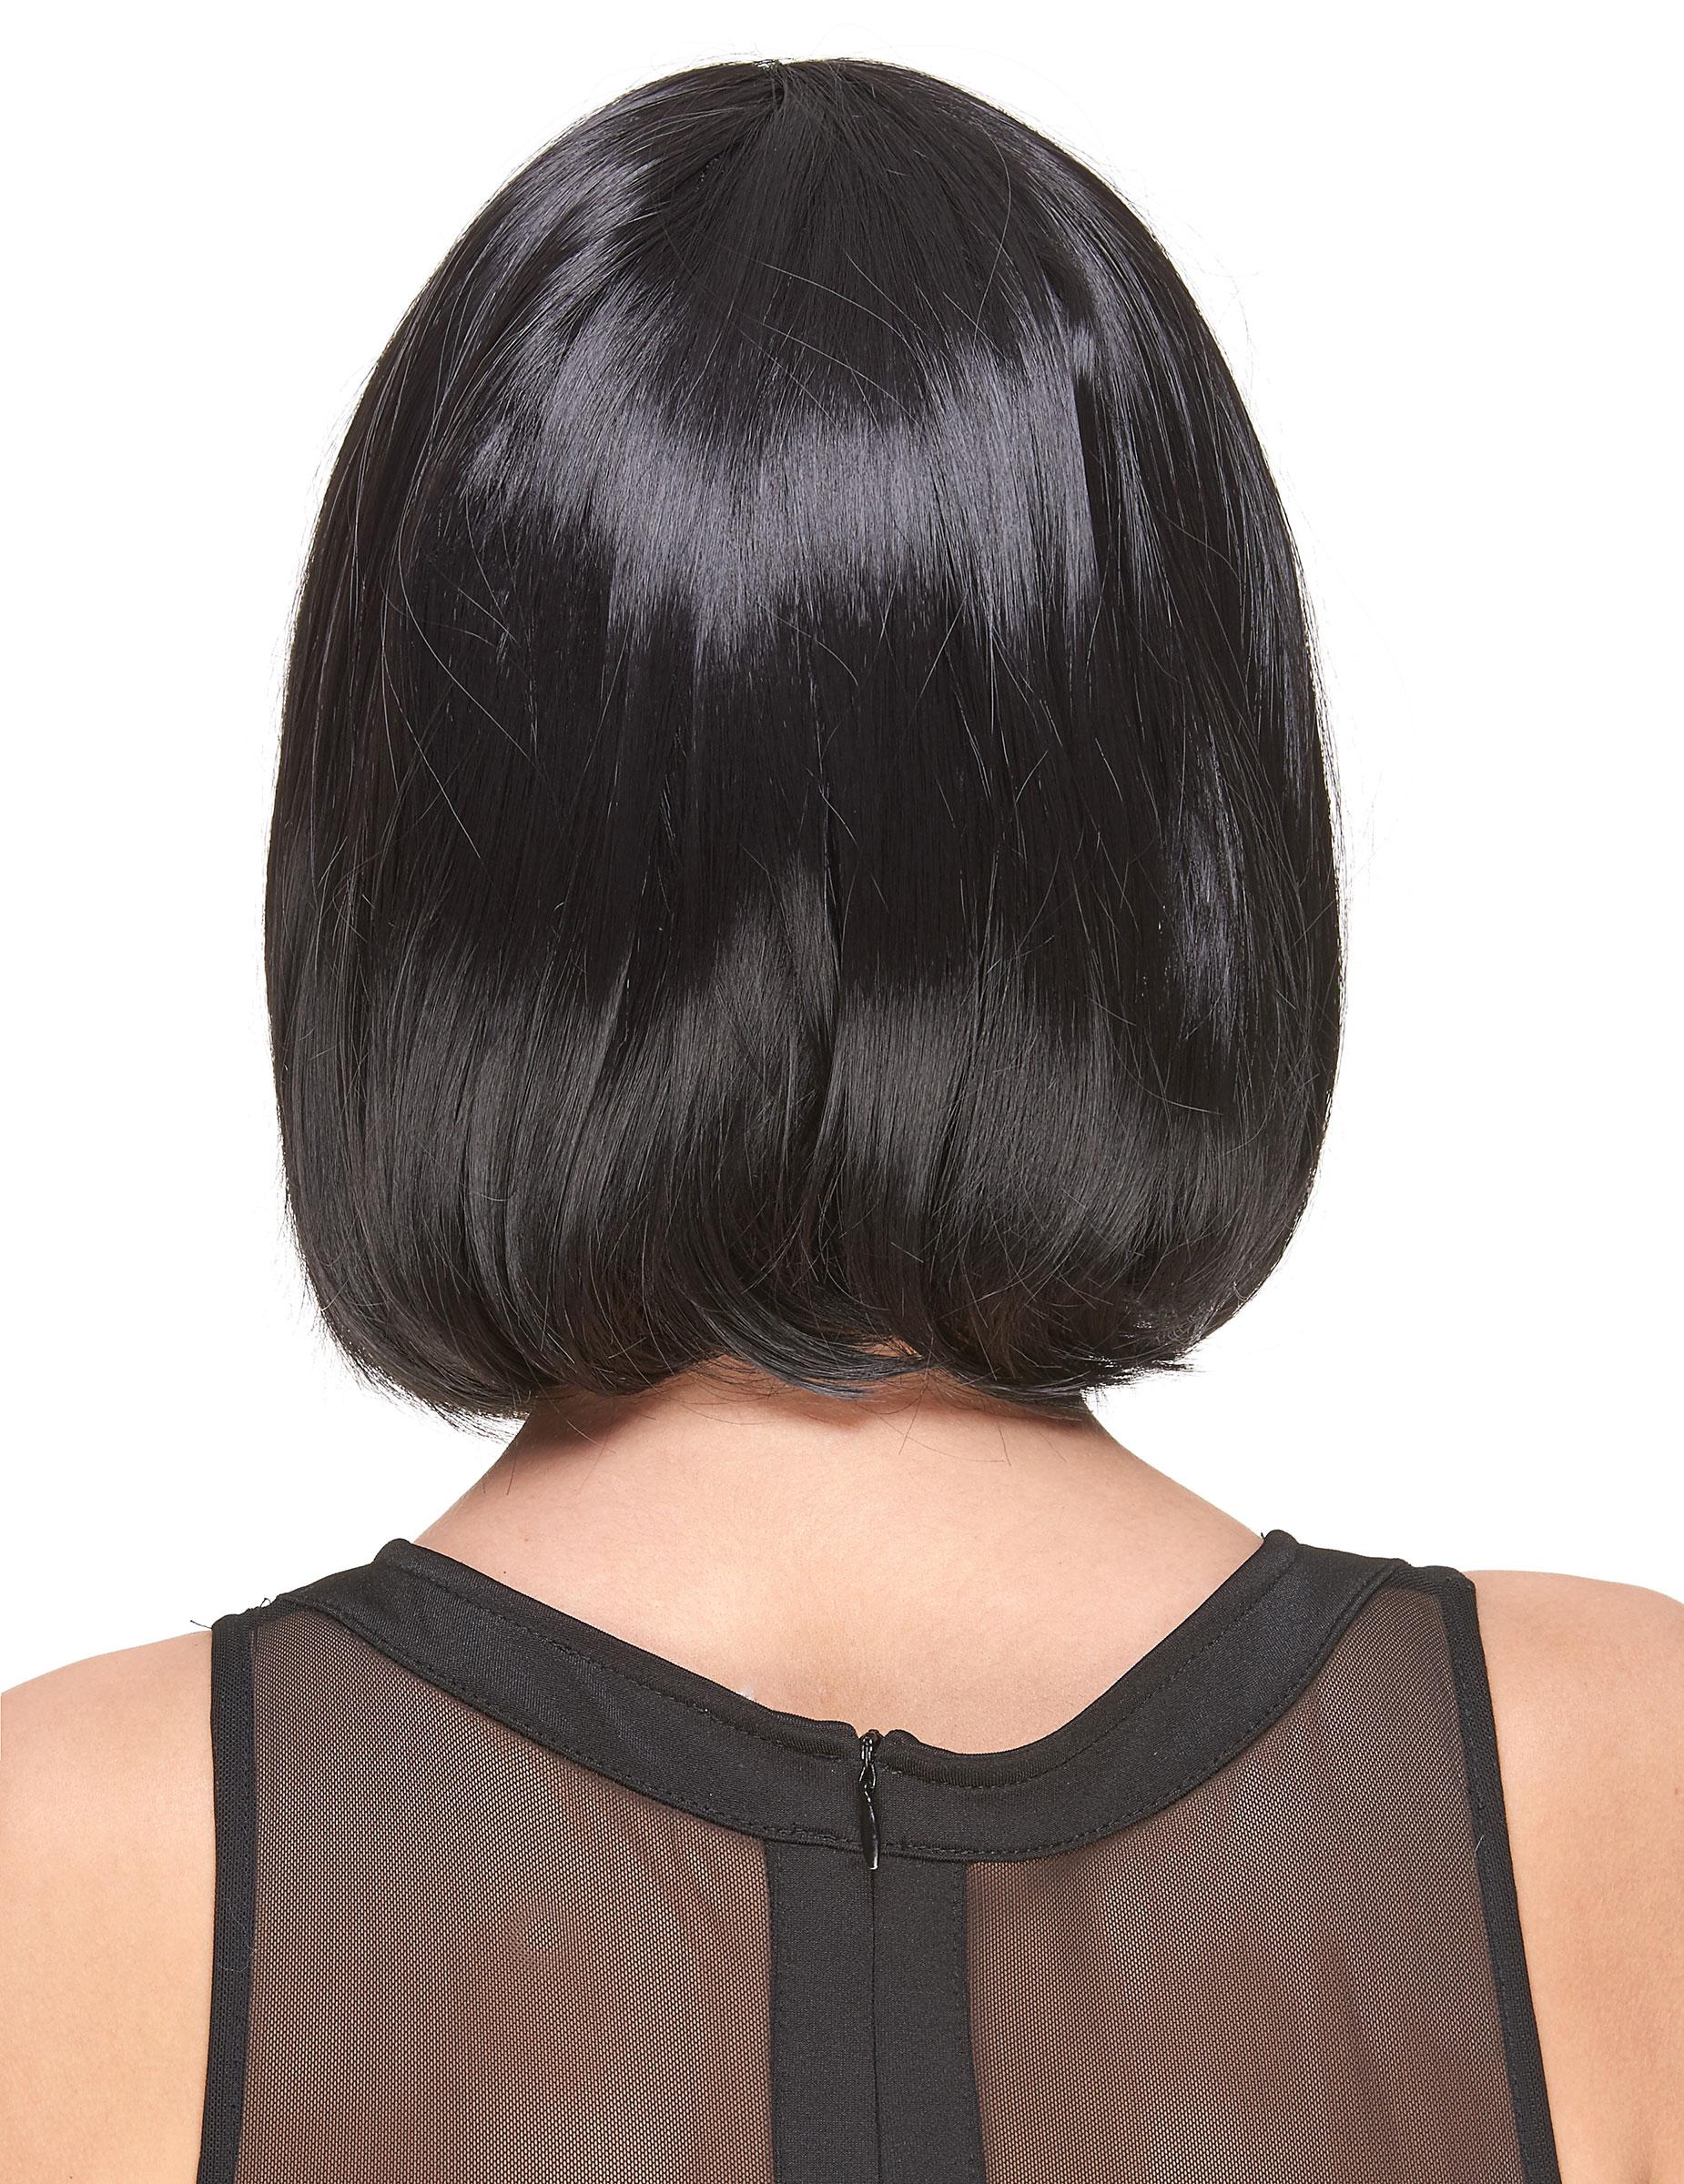 Perruque Luxe Noire Carre Plongeant Avec Frange Femme Deguise Toi Achat De Perruques